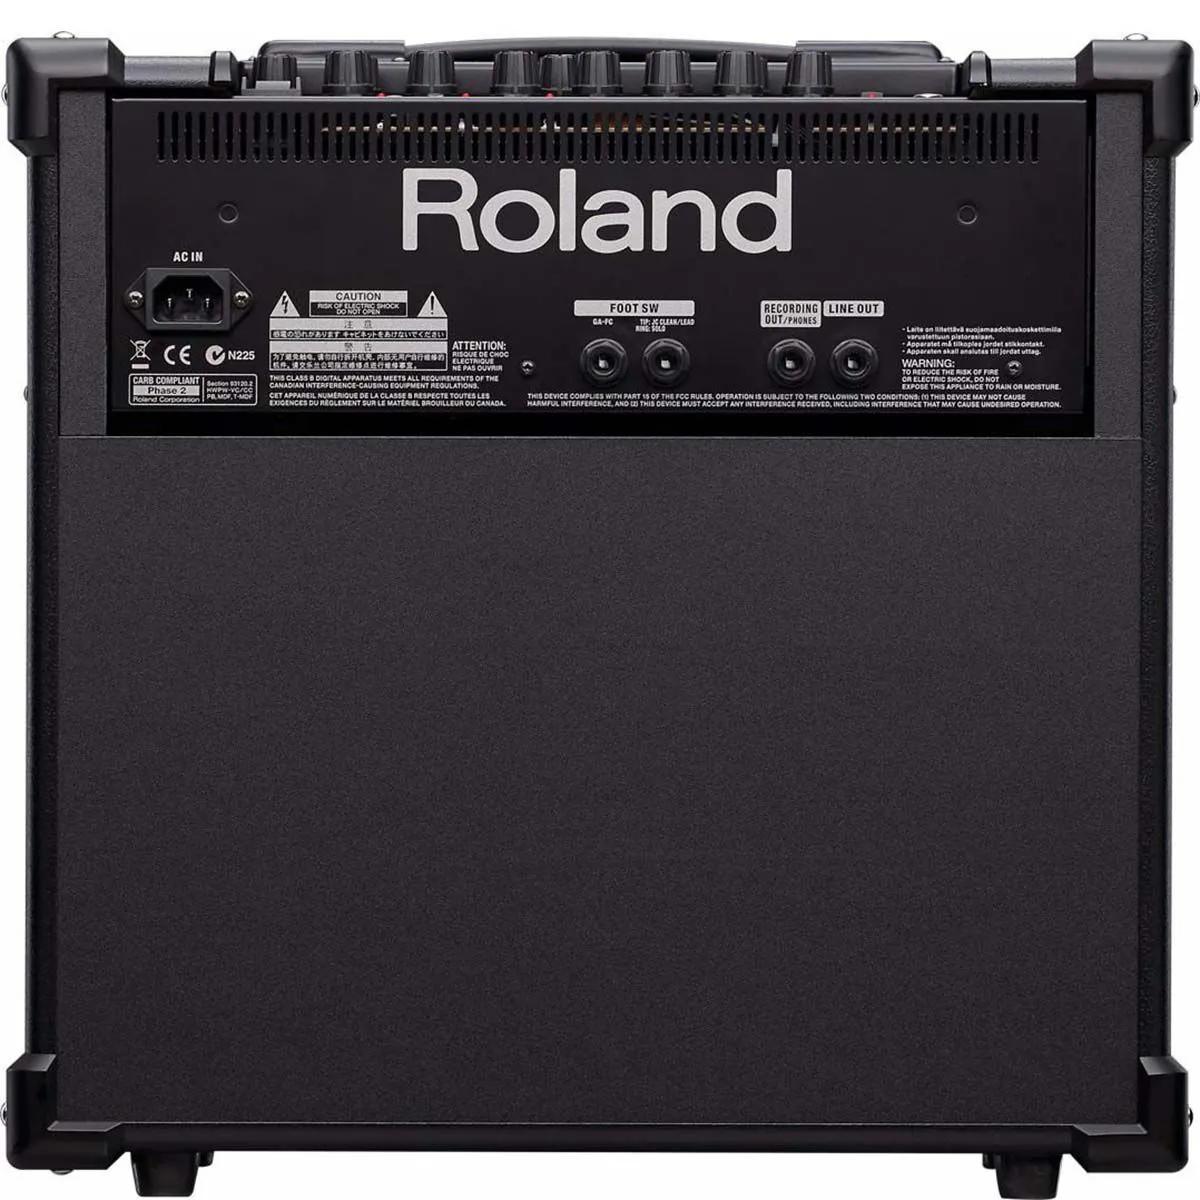 Caixa Amplificada Roland Cube 80 GX 80w 1x12